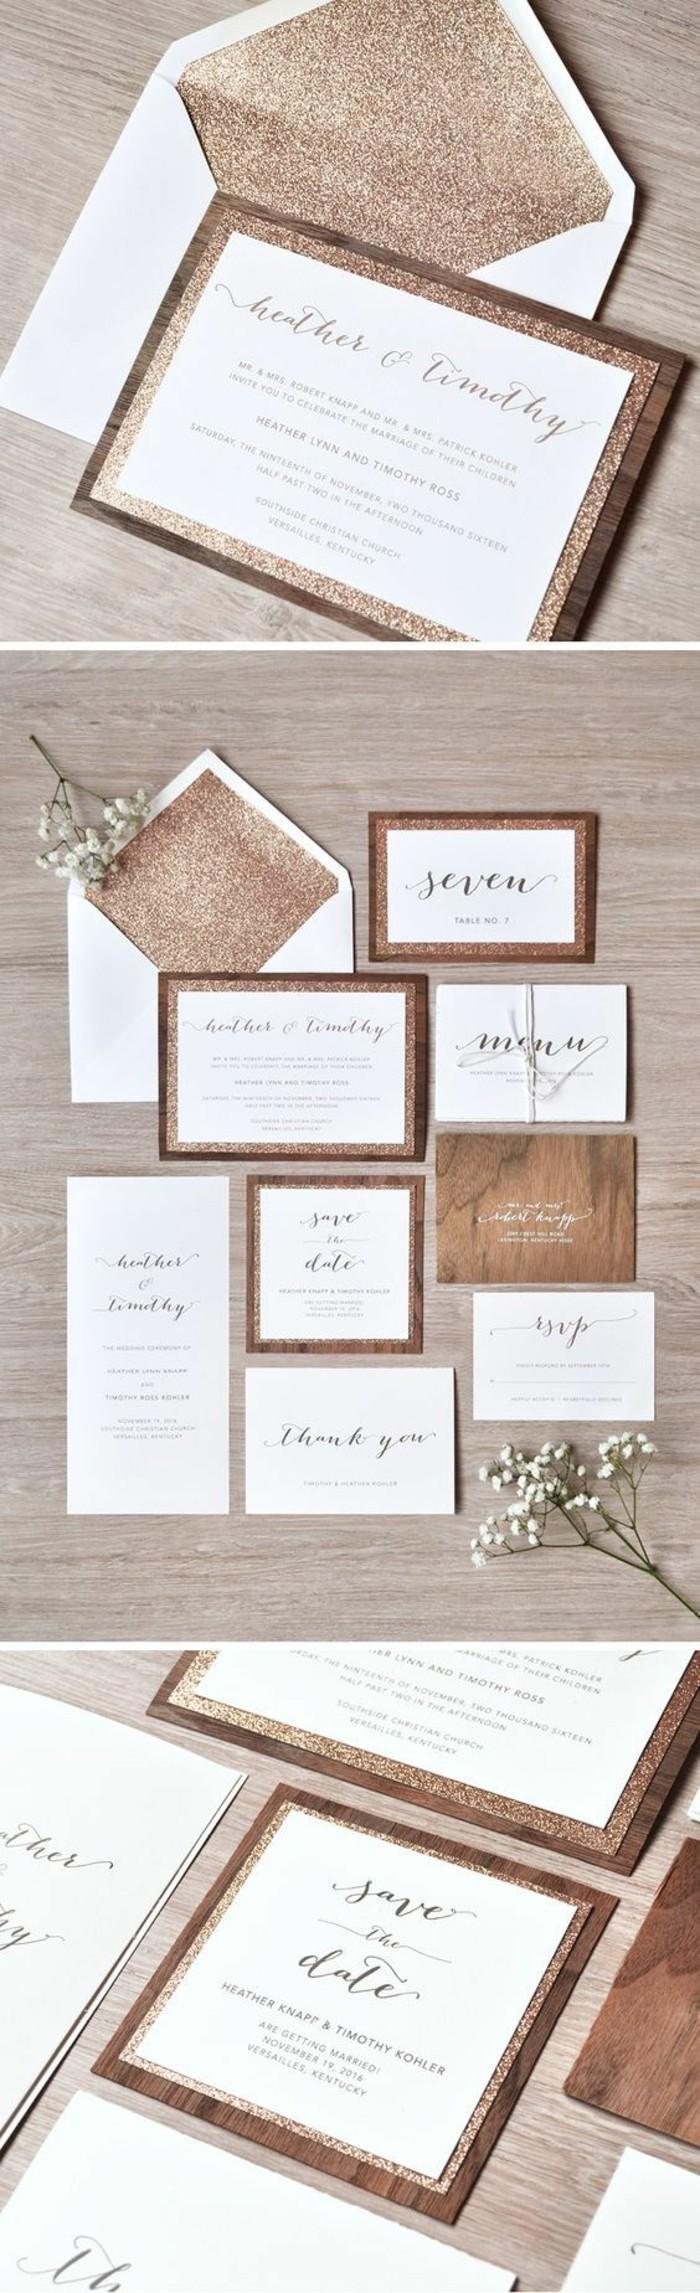 carte-d-invitation-maraige-creatif-chic-classy-en-blanc-et-papier-brillant-en-or